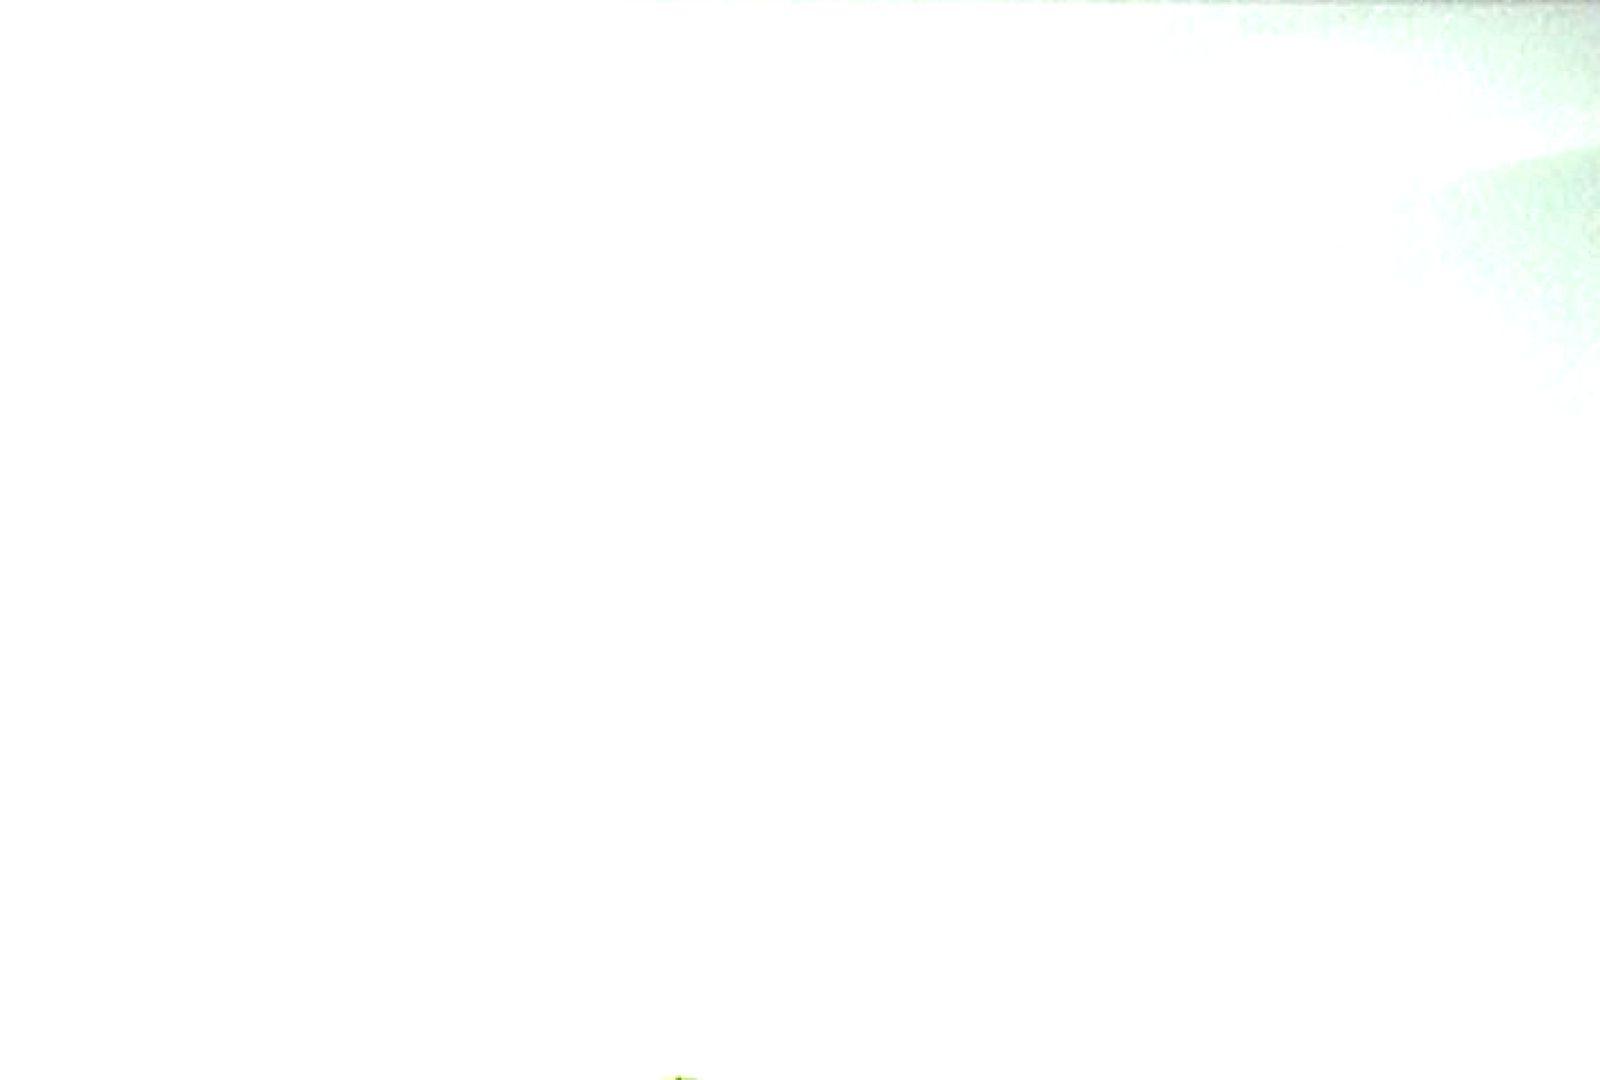 充血監督の深夜の運動会Vol.62 カーセックス | エロティックなOL  77画像 22